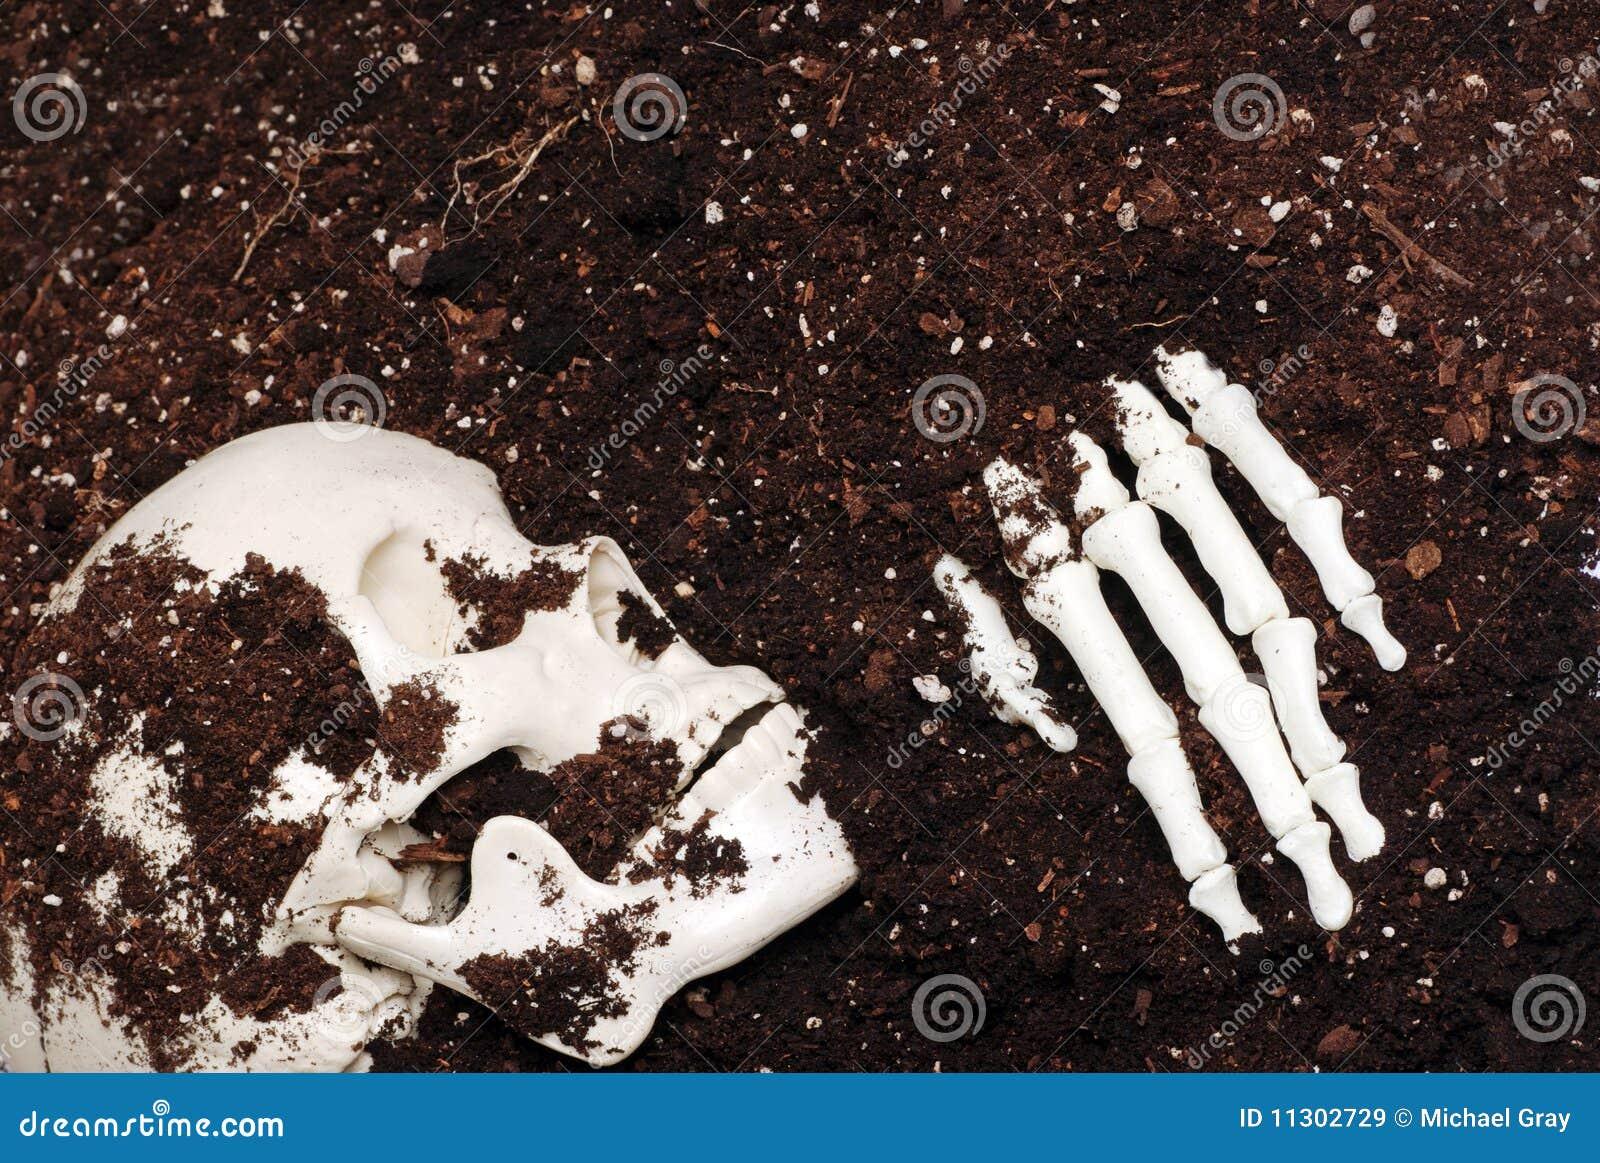 Skelett im Schmutz